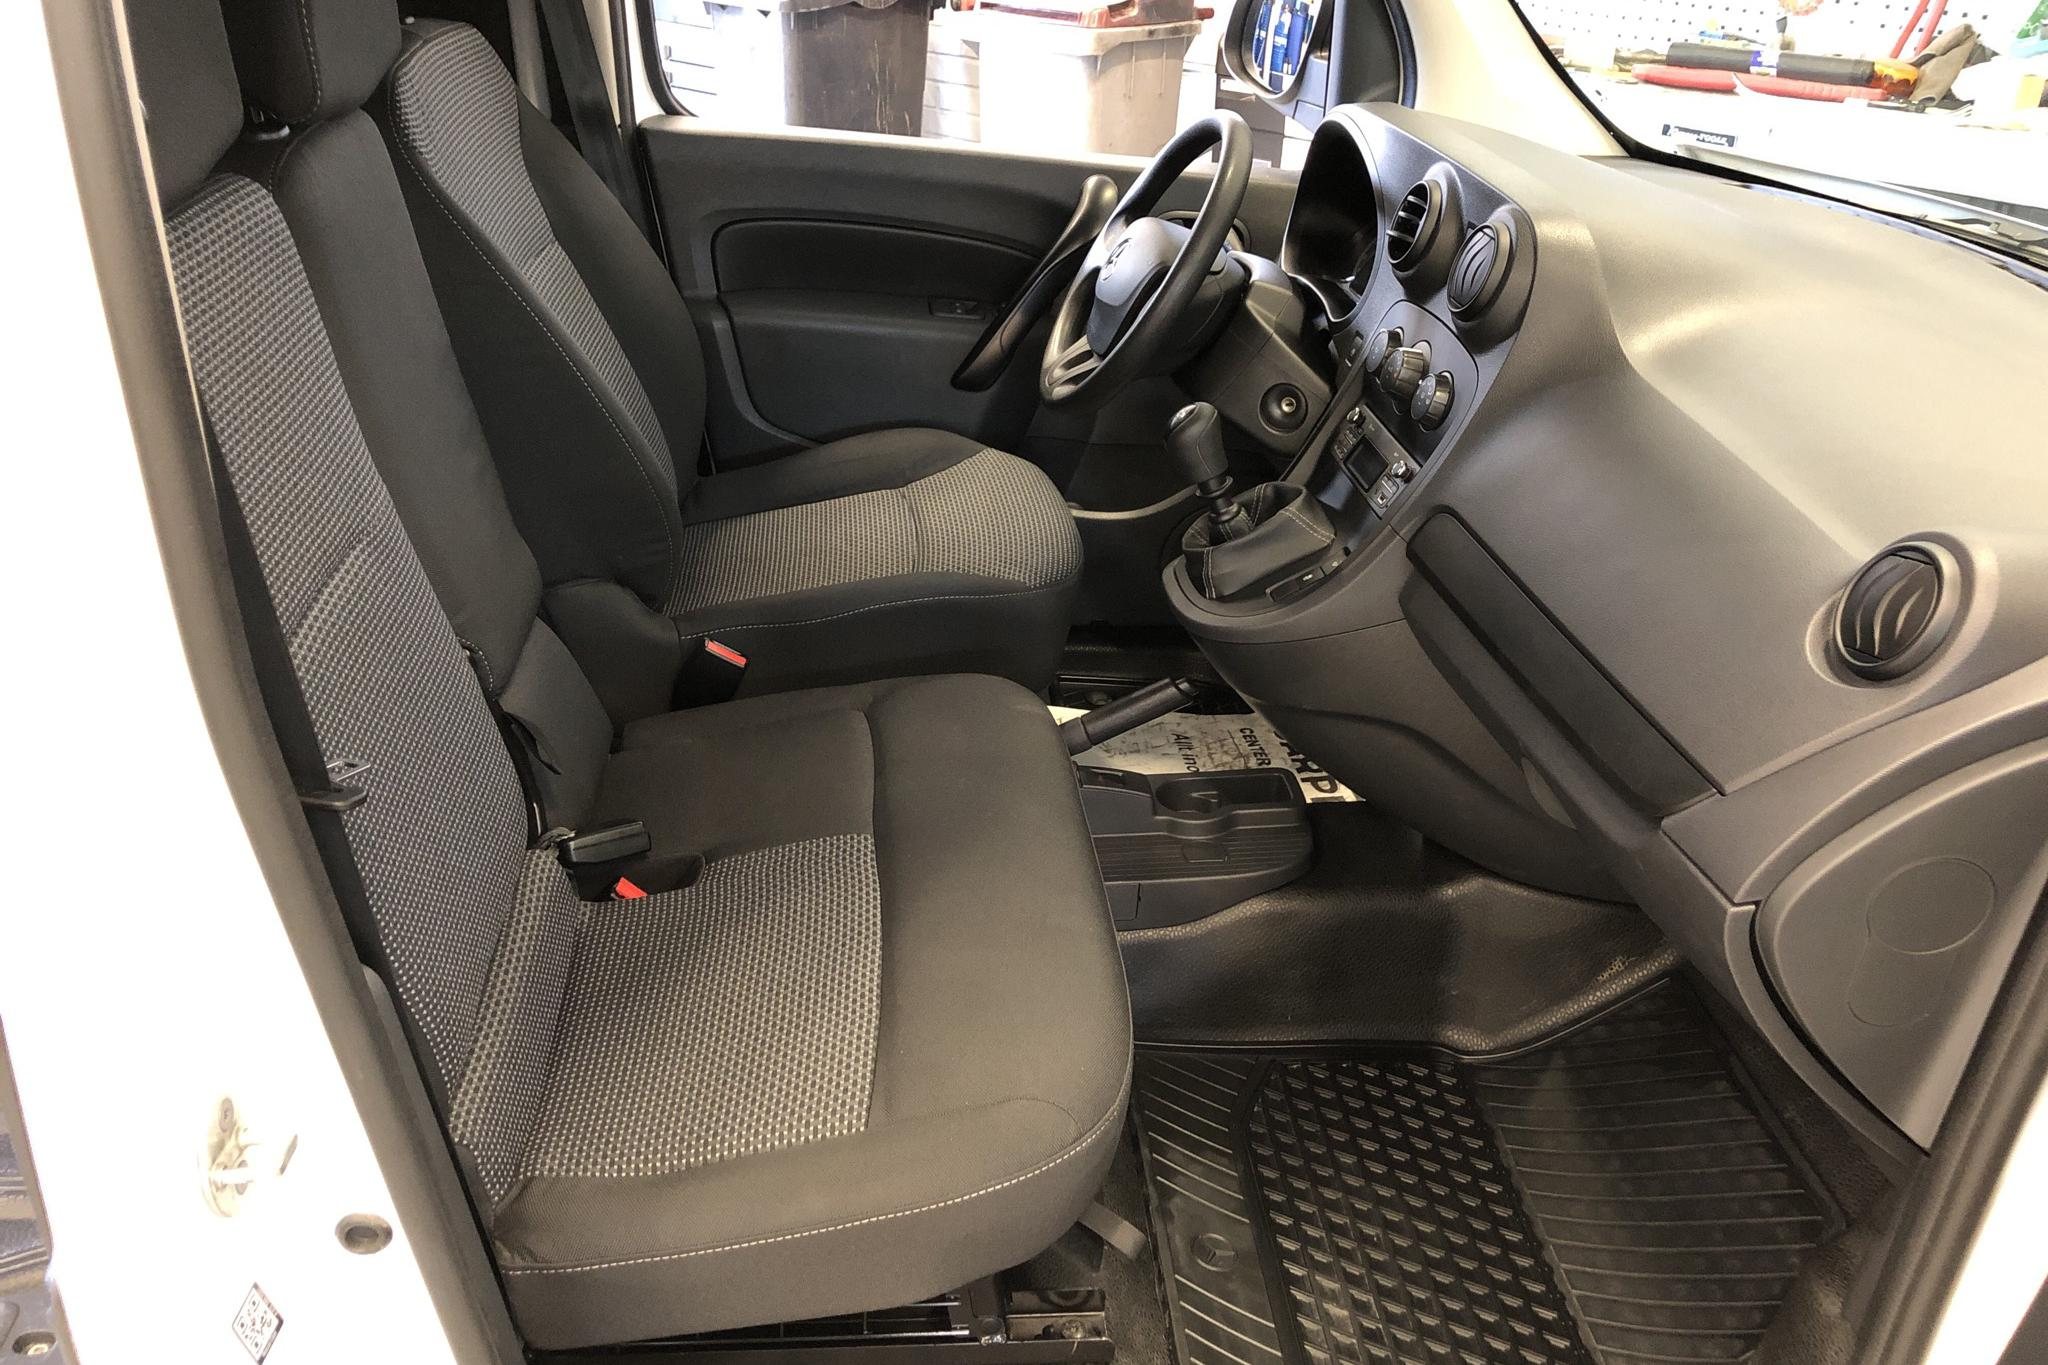 Mercedes Citan 109 1.5 CDI (95hk) - 13 110 km - Manual - white - 2020